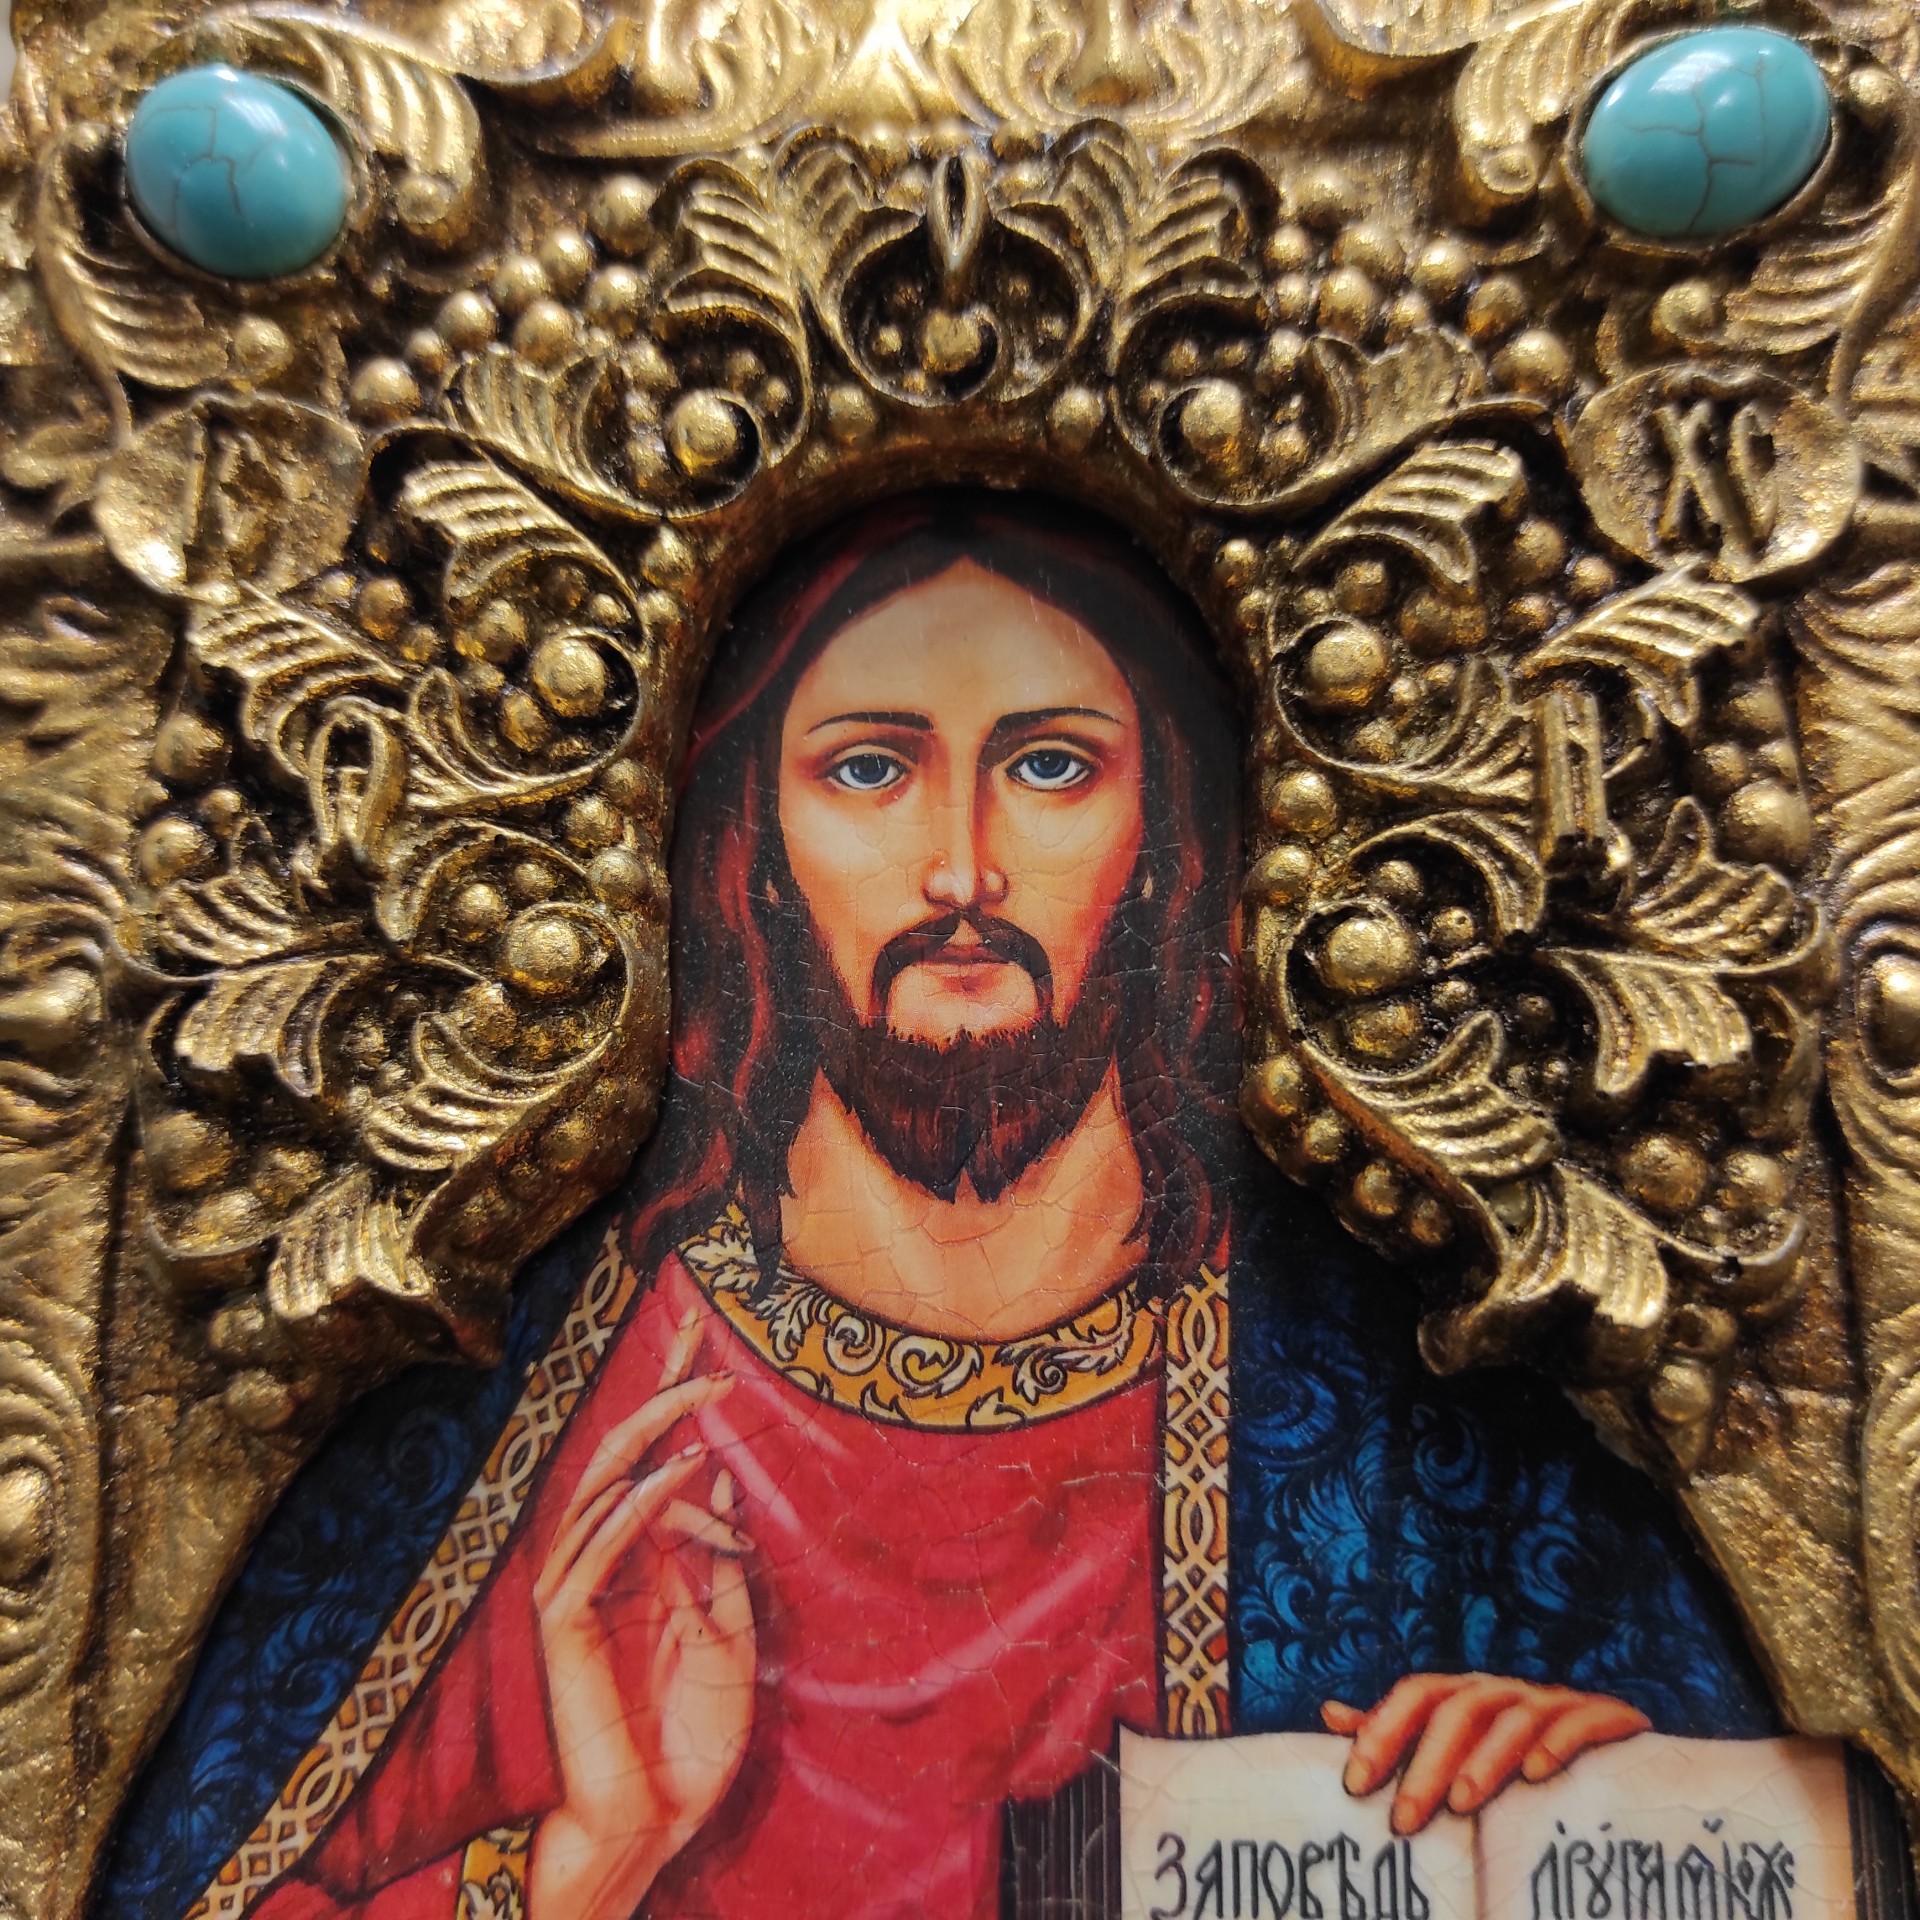 Фото венца подарочной иконы Господа Вседержителя с иглицами, камнями бирюза